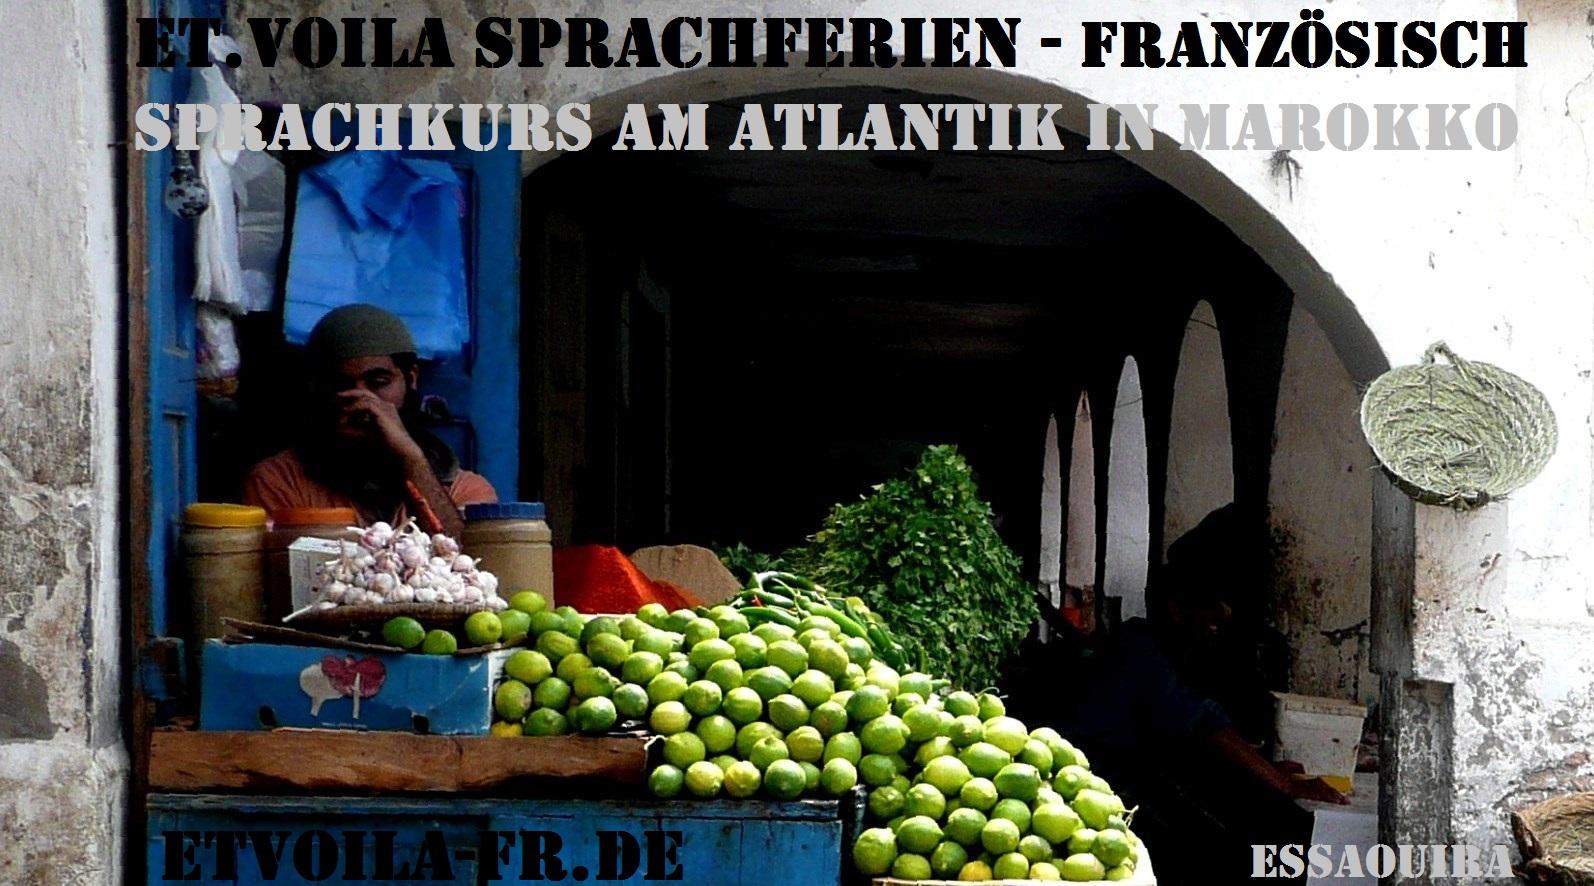 Eine Woche farbenfrohes Marokko: FRANZÖSISCH Sprachkurs + intensive Erholung in Essaouira am Atlantik